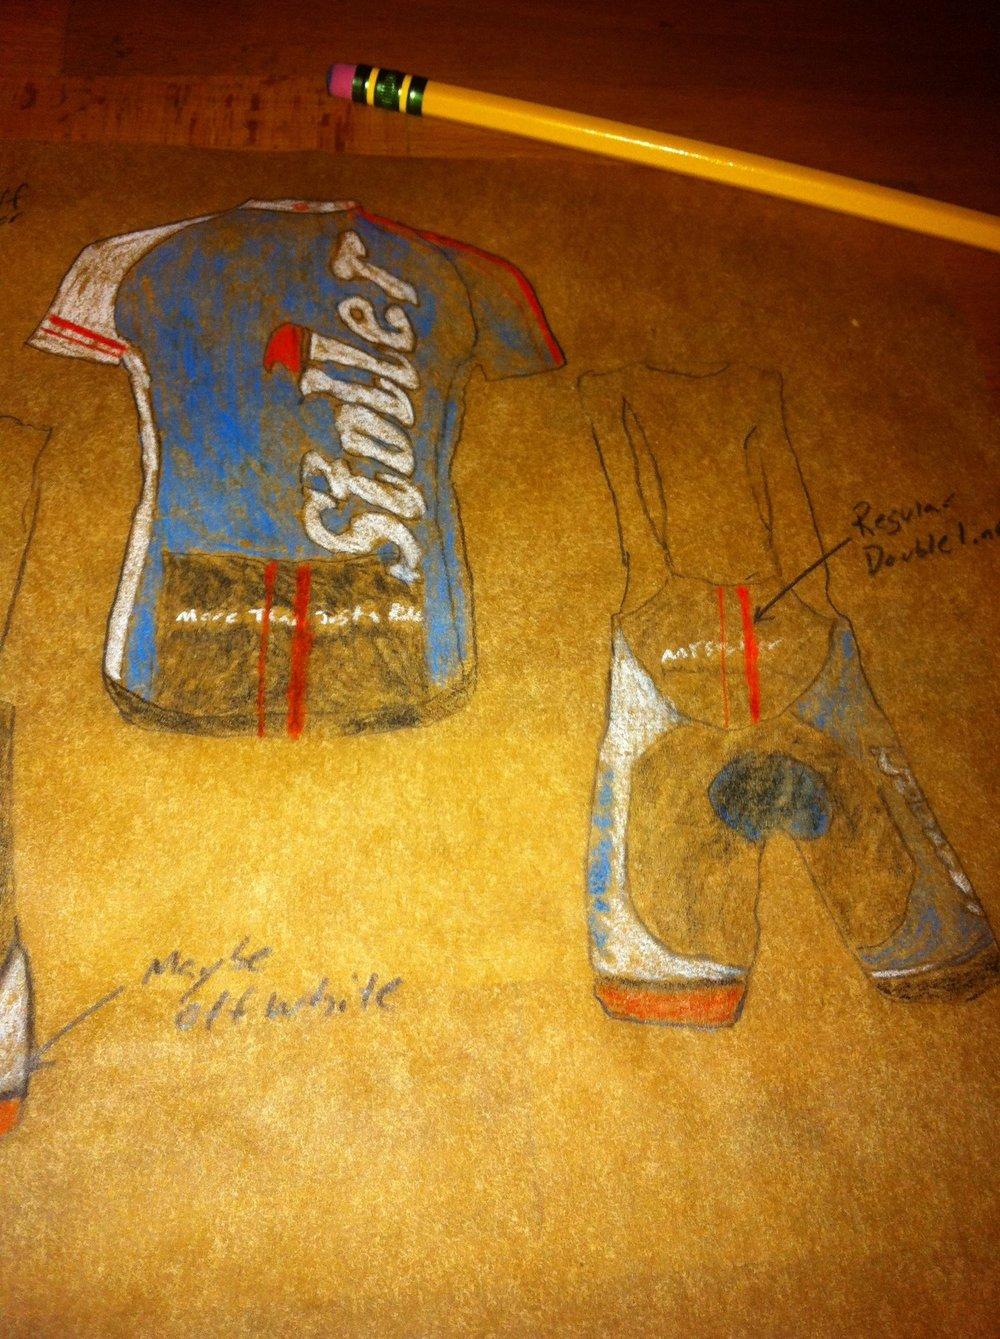 Stoller design sketch